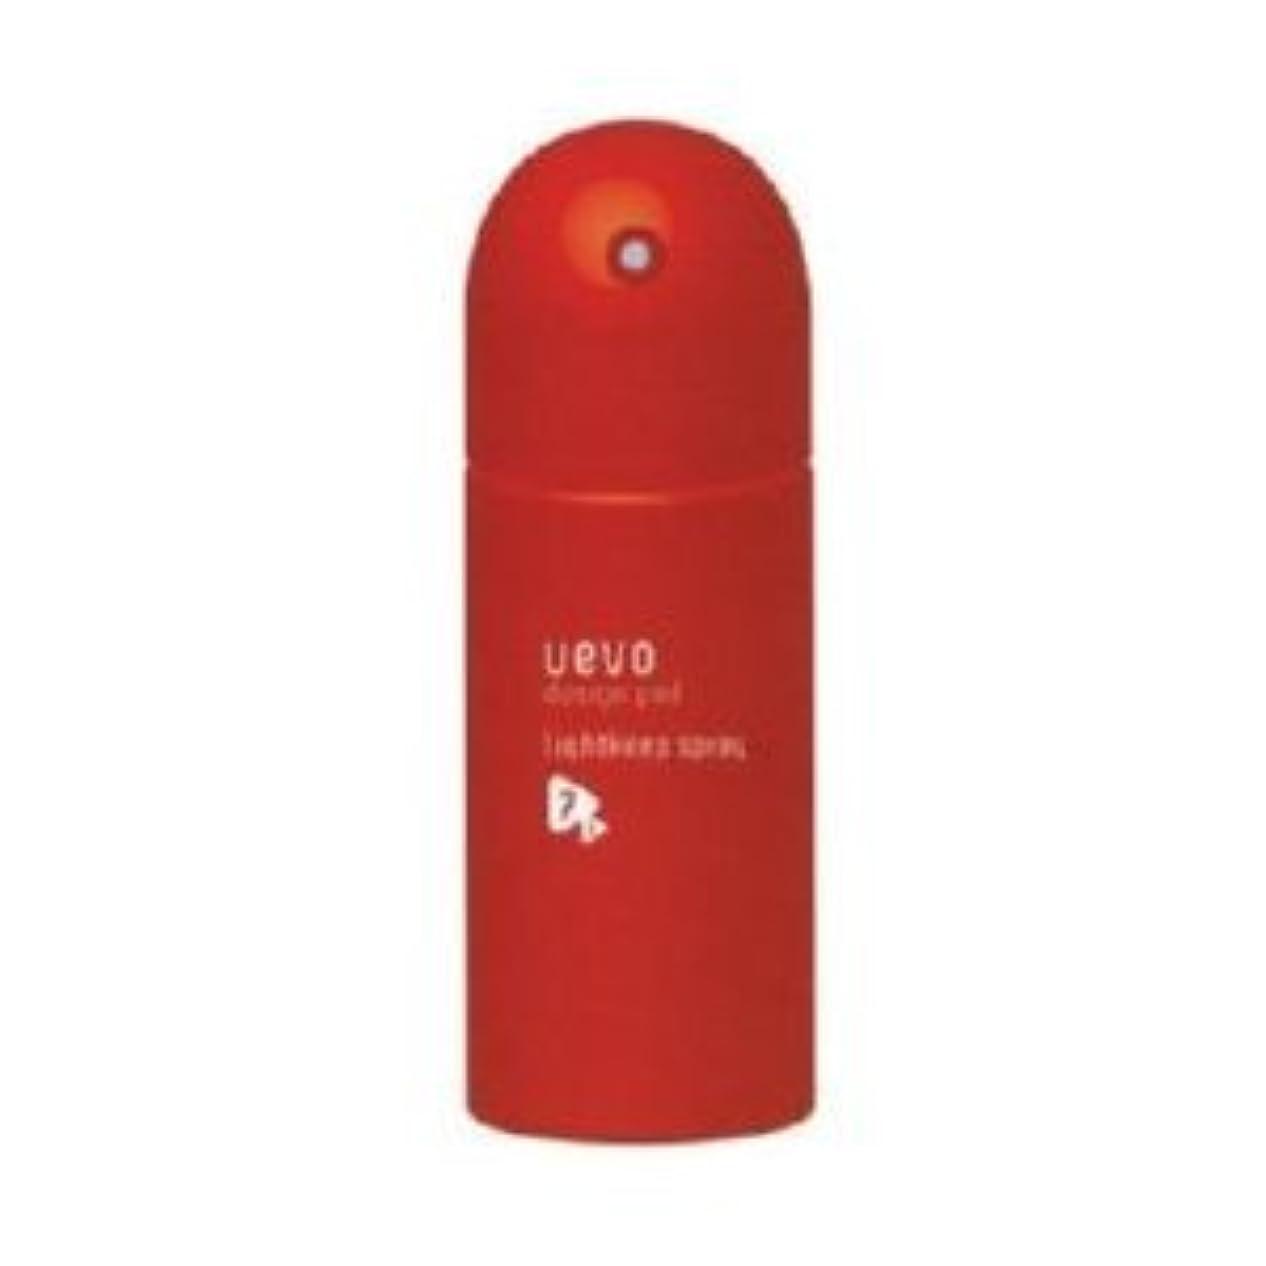 アセ分泌する収入【X3個セット】 デミ ウェーボ デザインポッド ライトキープスプレー 220ml lightkeep spray DEMI uevo design pod